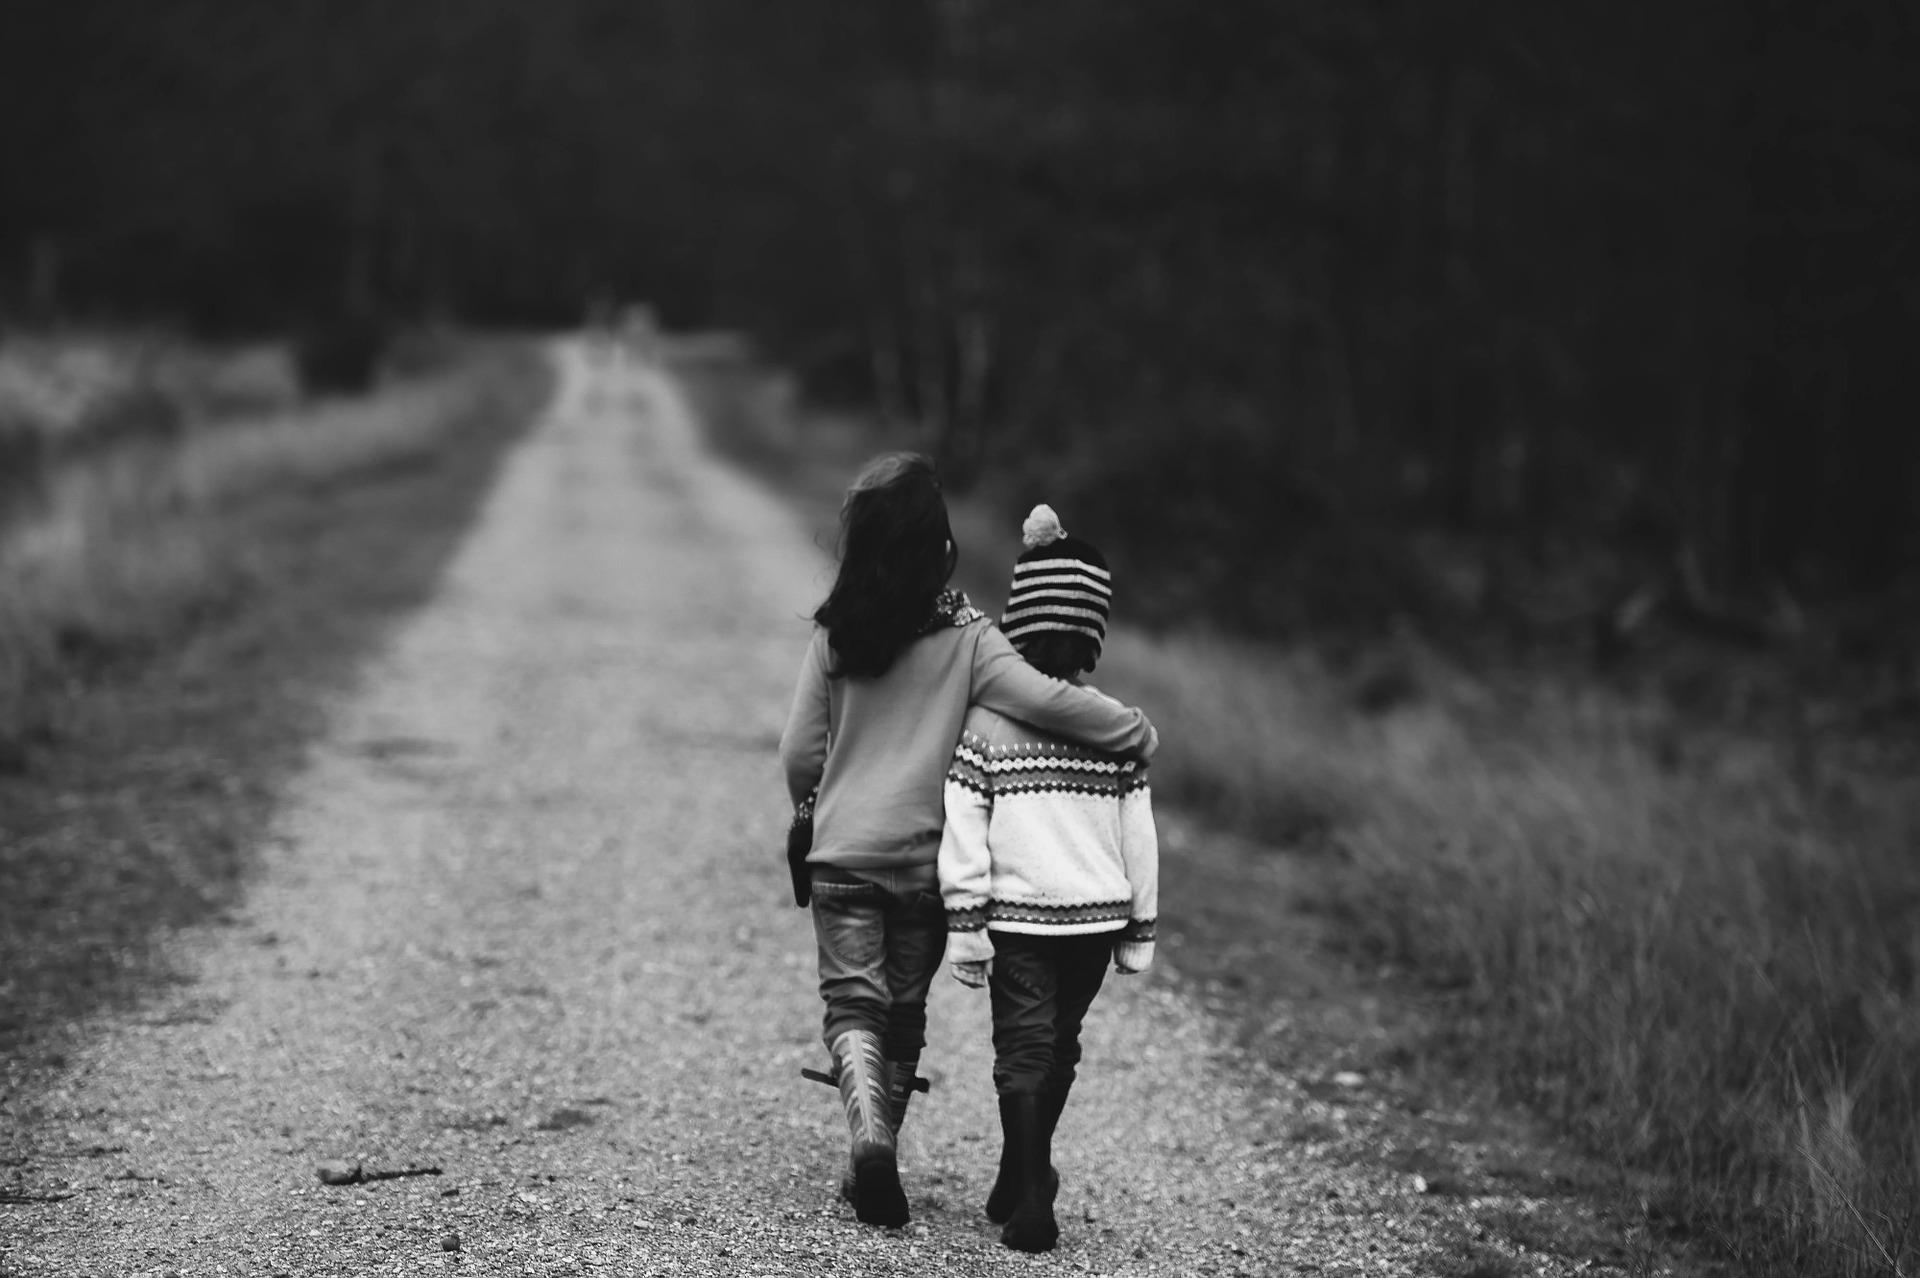 dzieci-wsparcie-rozstanie-drogi